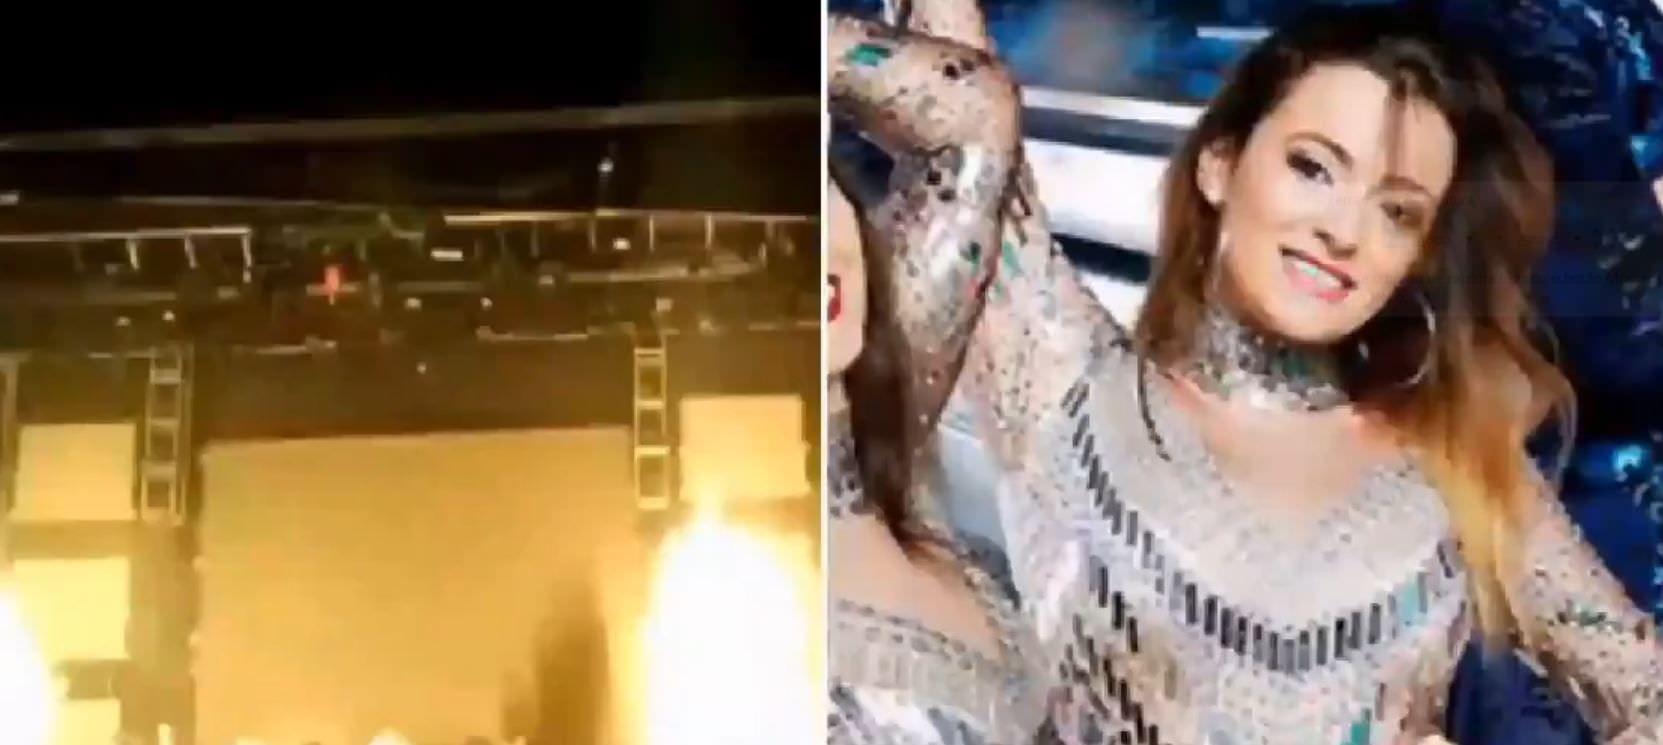 Cantora morre ao ser atingida por fogos de artifícios durante show; vídeo